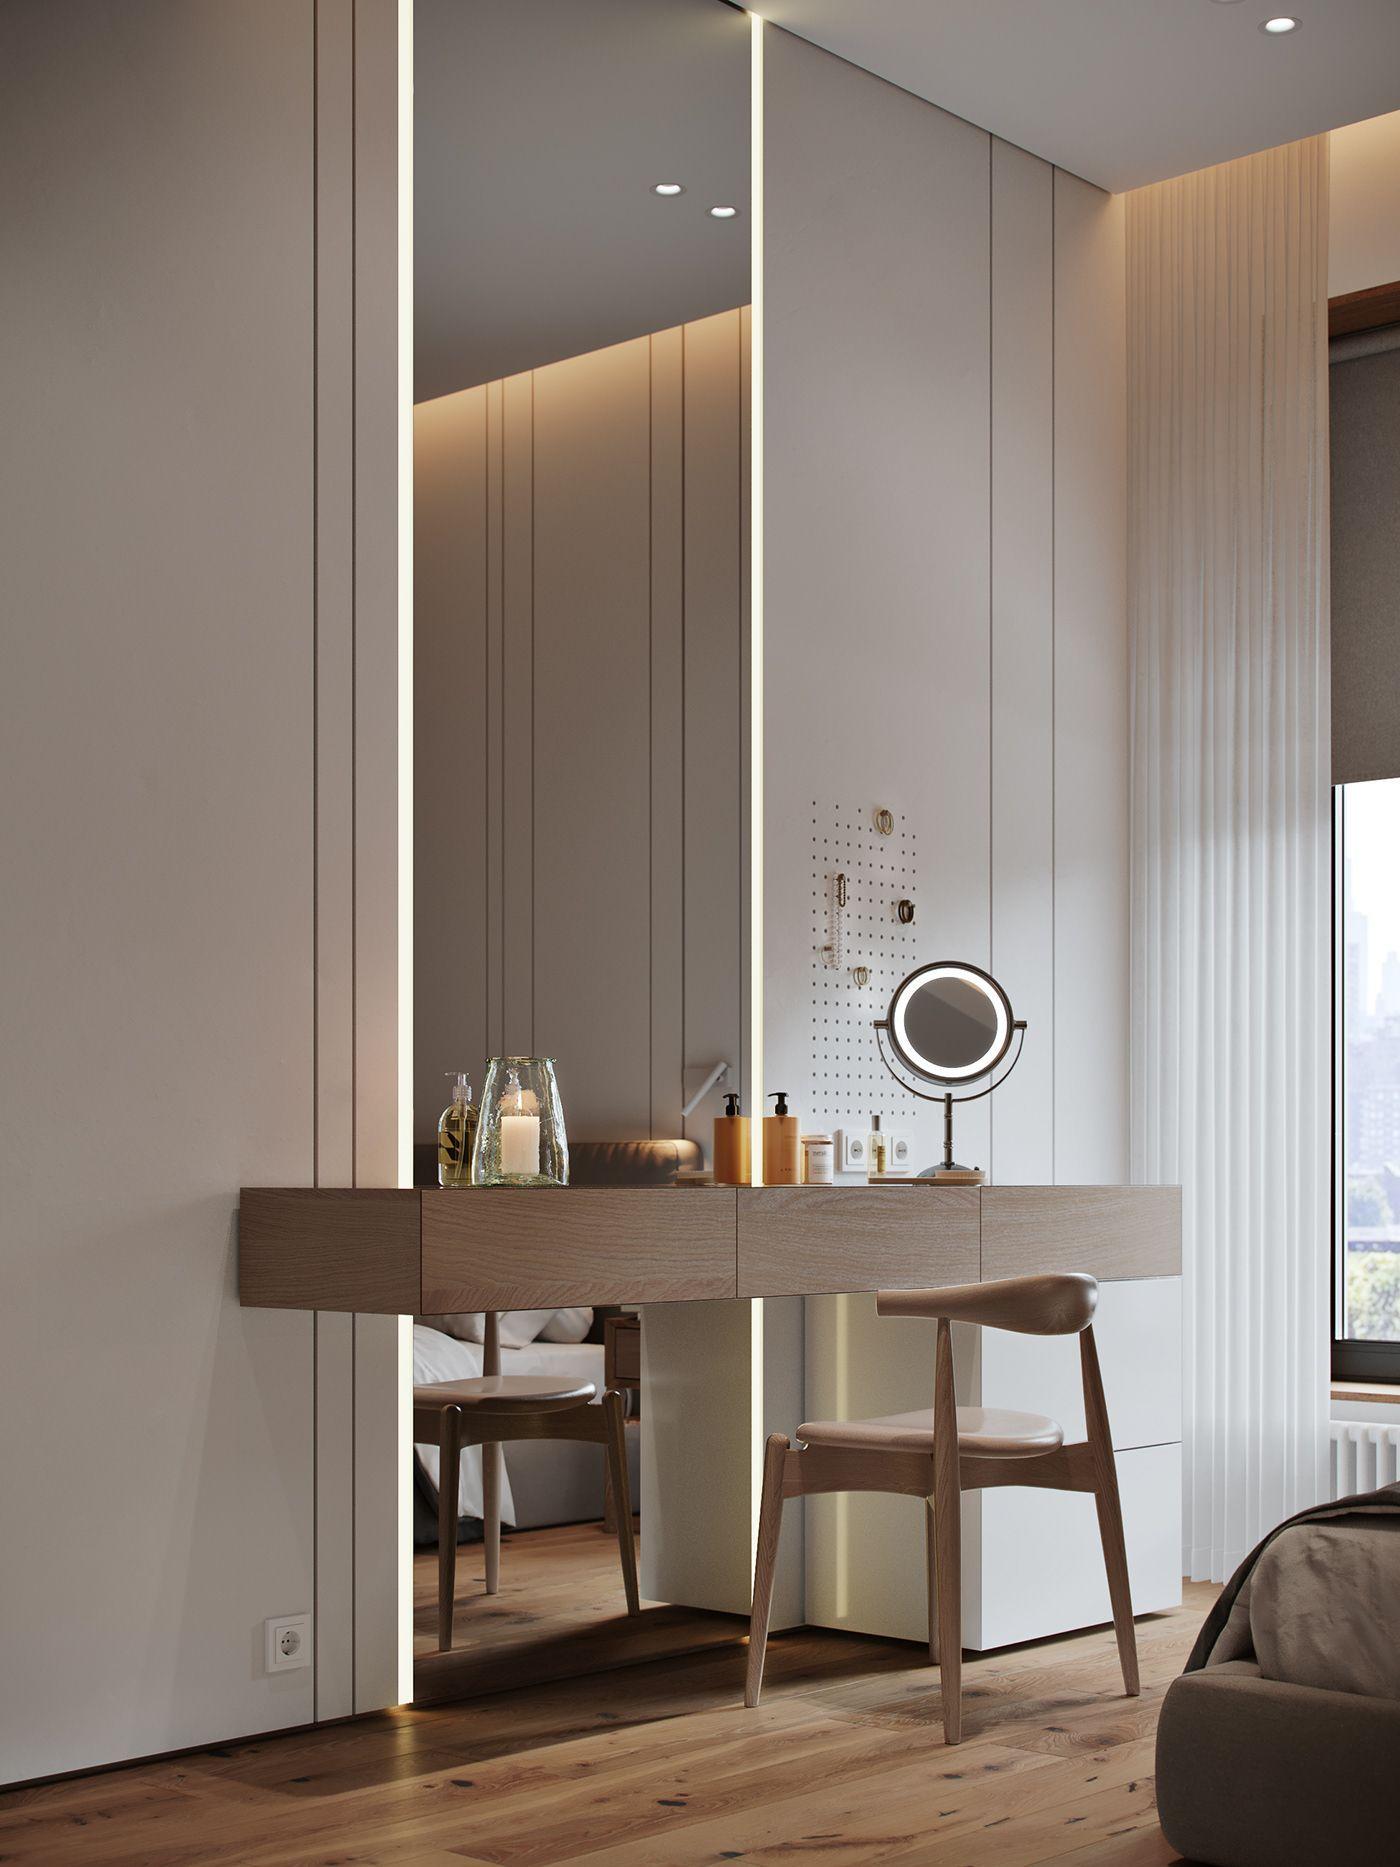 20 Dressing Room Design For Inspiration You 2019 Dressing Room Design Minimalist Bedroom Design Dressing Table Design